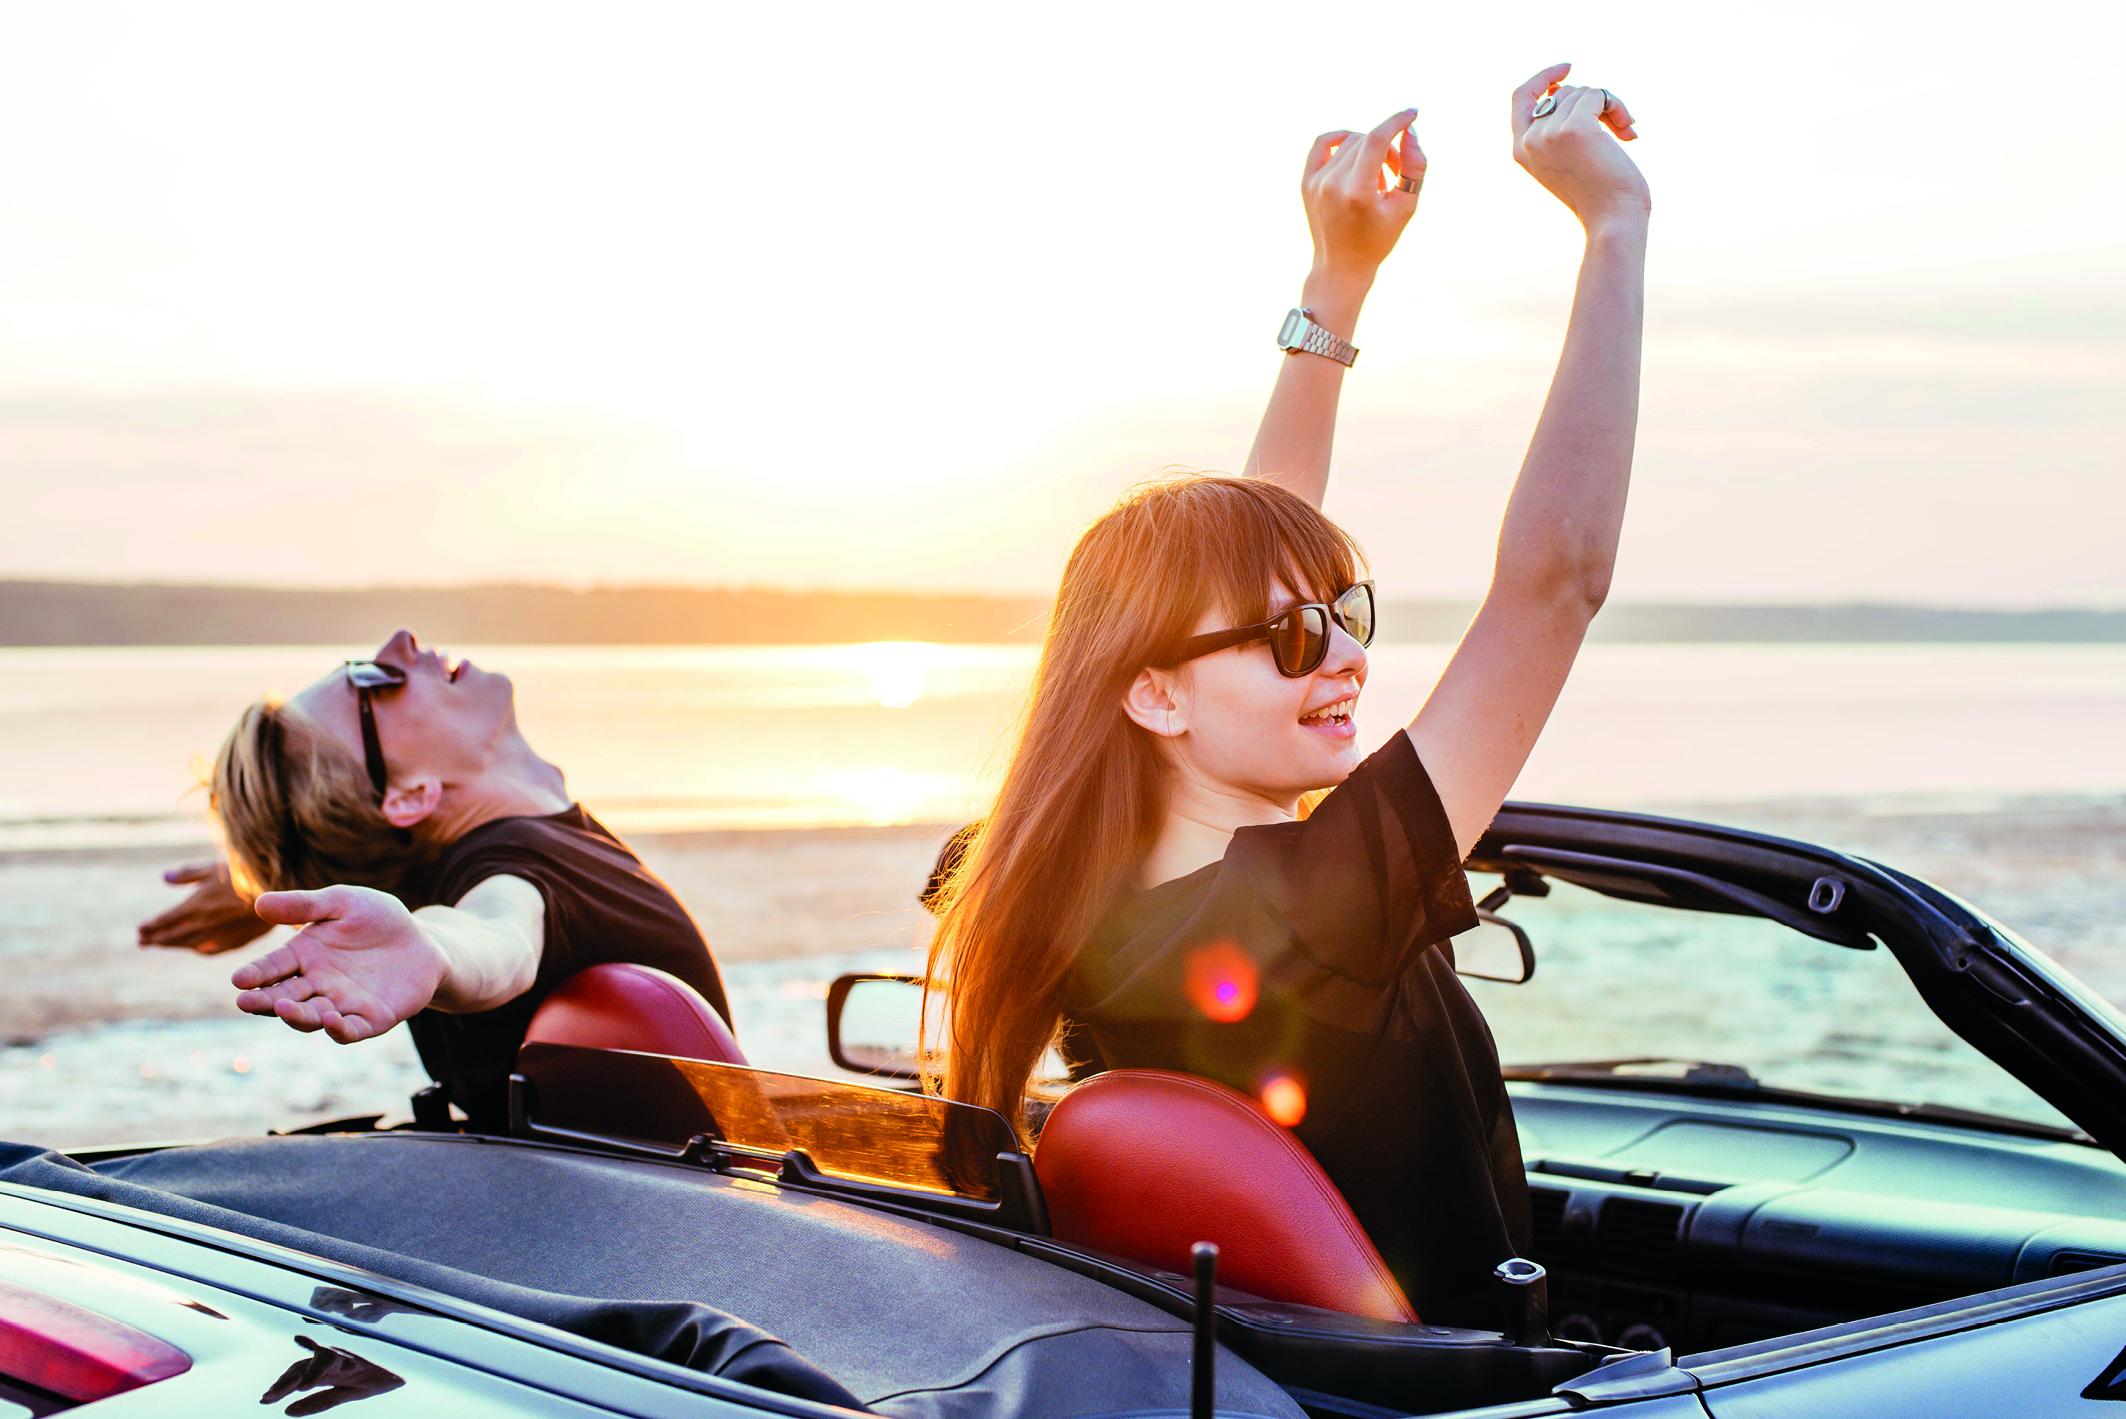 Junge Frau und junger Mann in einem Caprio (Mietwagen) am Meer.